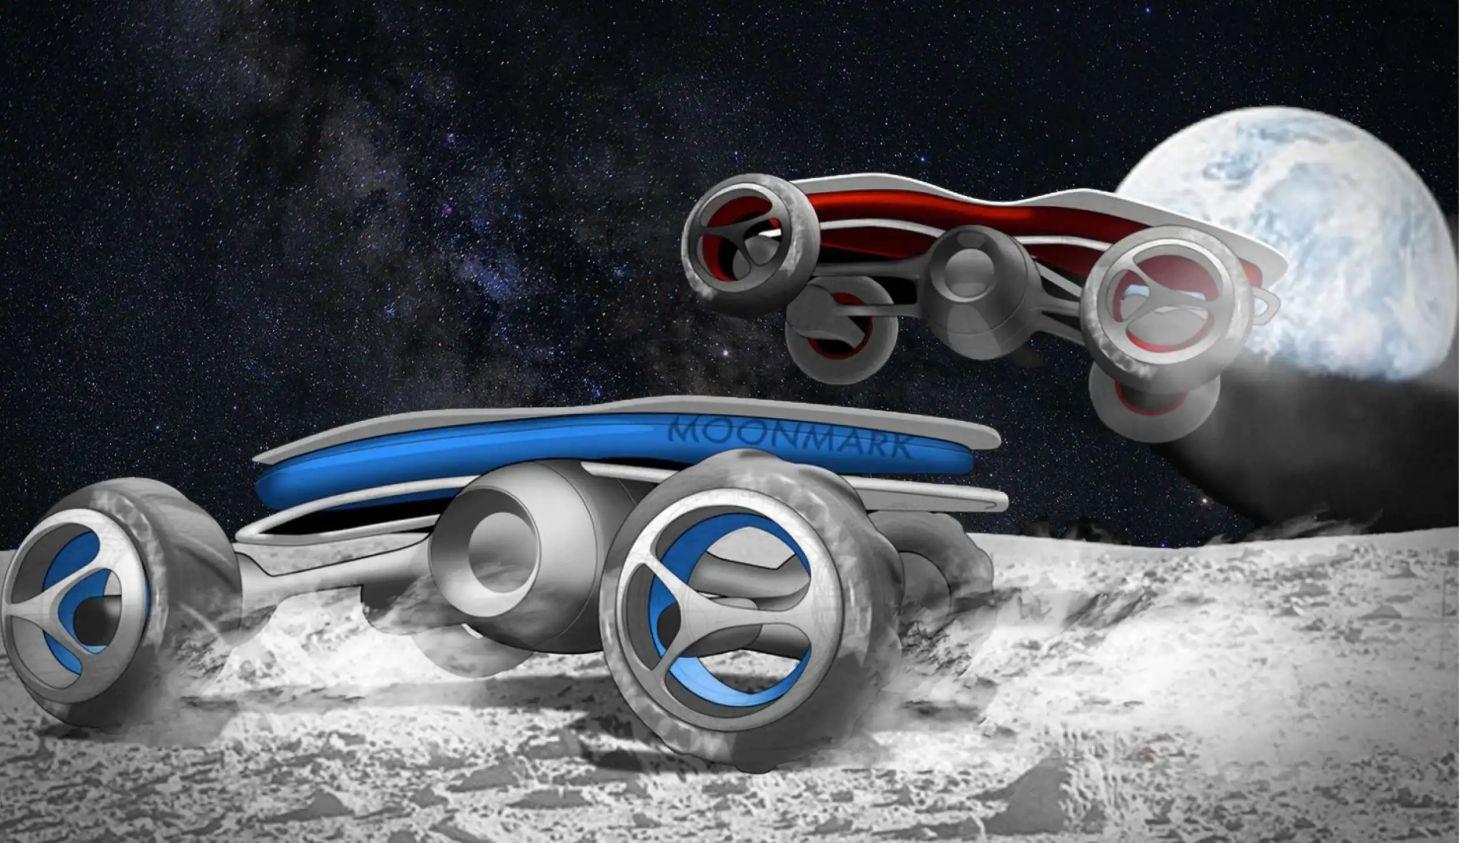 projeção de dois carros de controle remoto disputando corrida na Lua